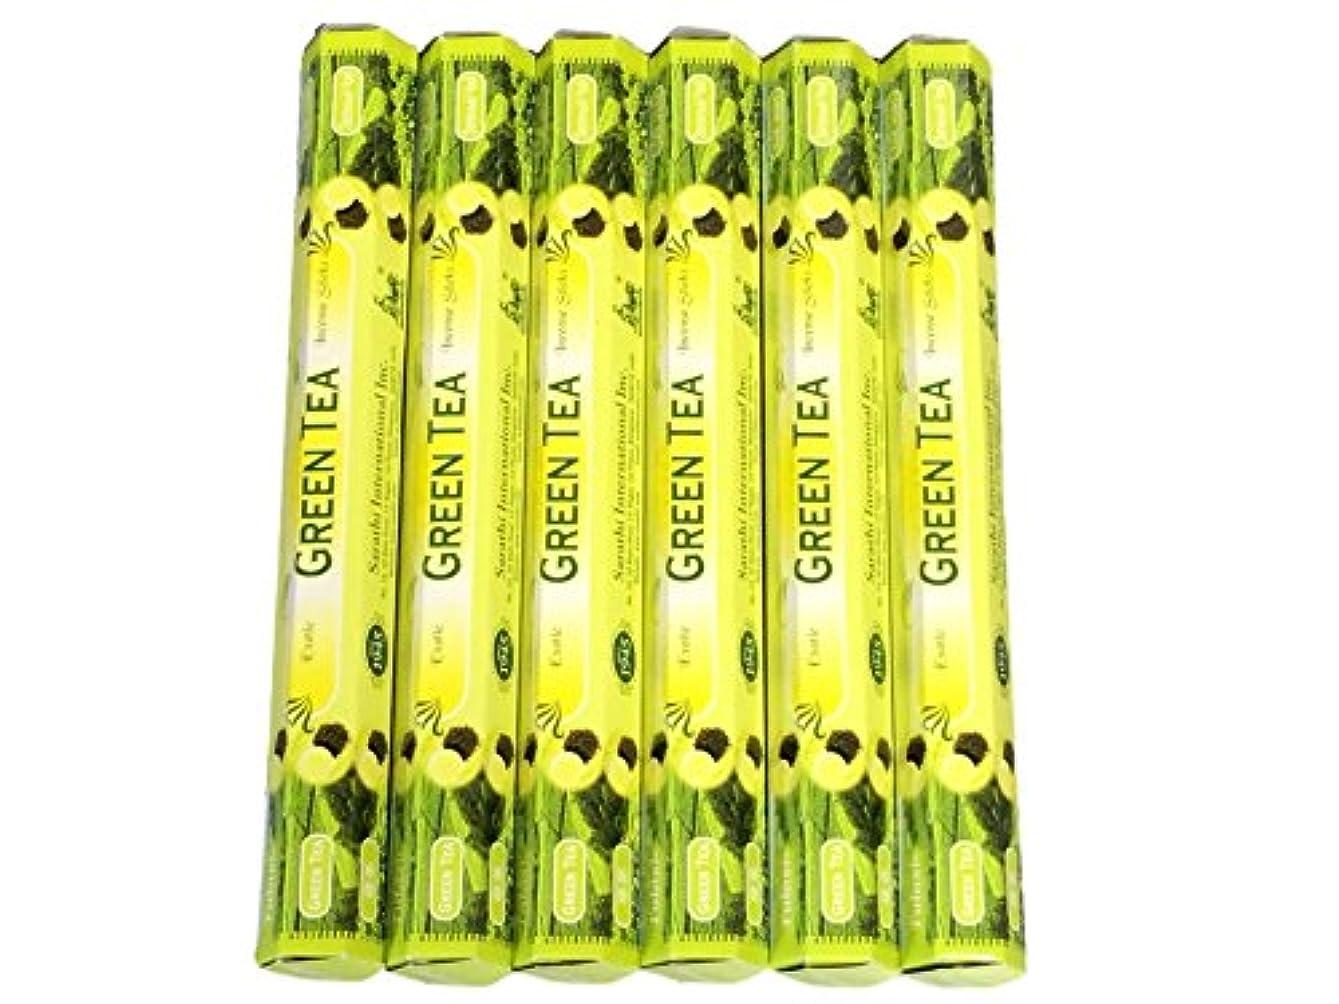 帳面超越するラベルTulasi incense20sticks サラチ?ヘキサインセンススティック20本入り×6ヶセット 640187グリーンティー